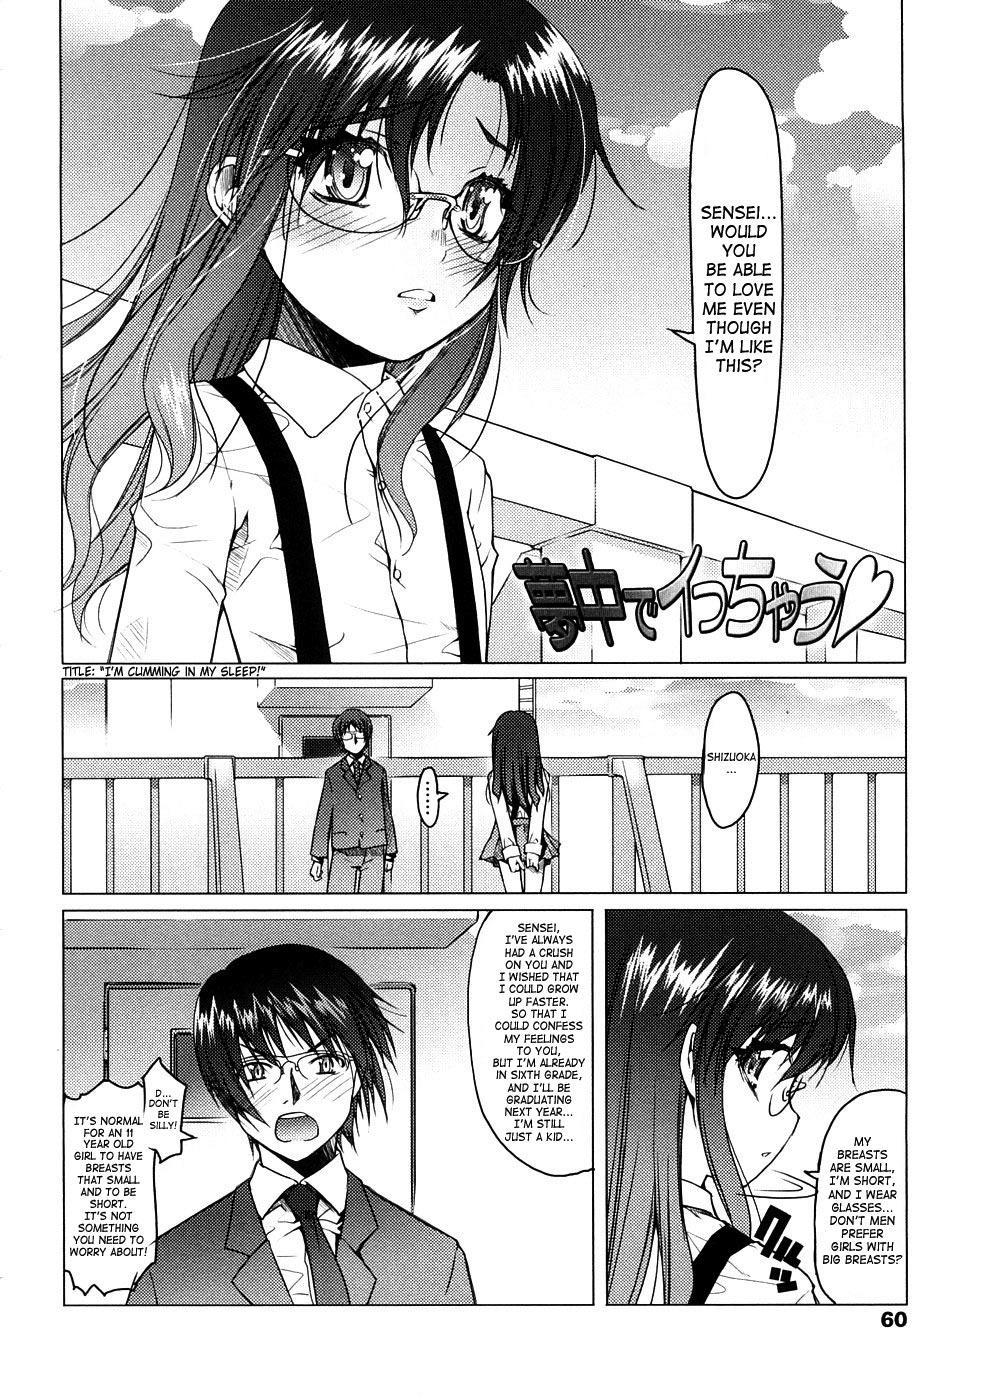 [Asaki Takayuki] Sho-Pan!! Ch.1-9 [English] [SaHa] 52